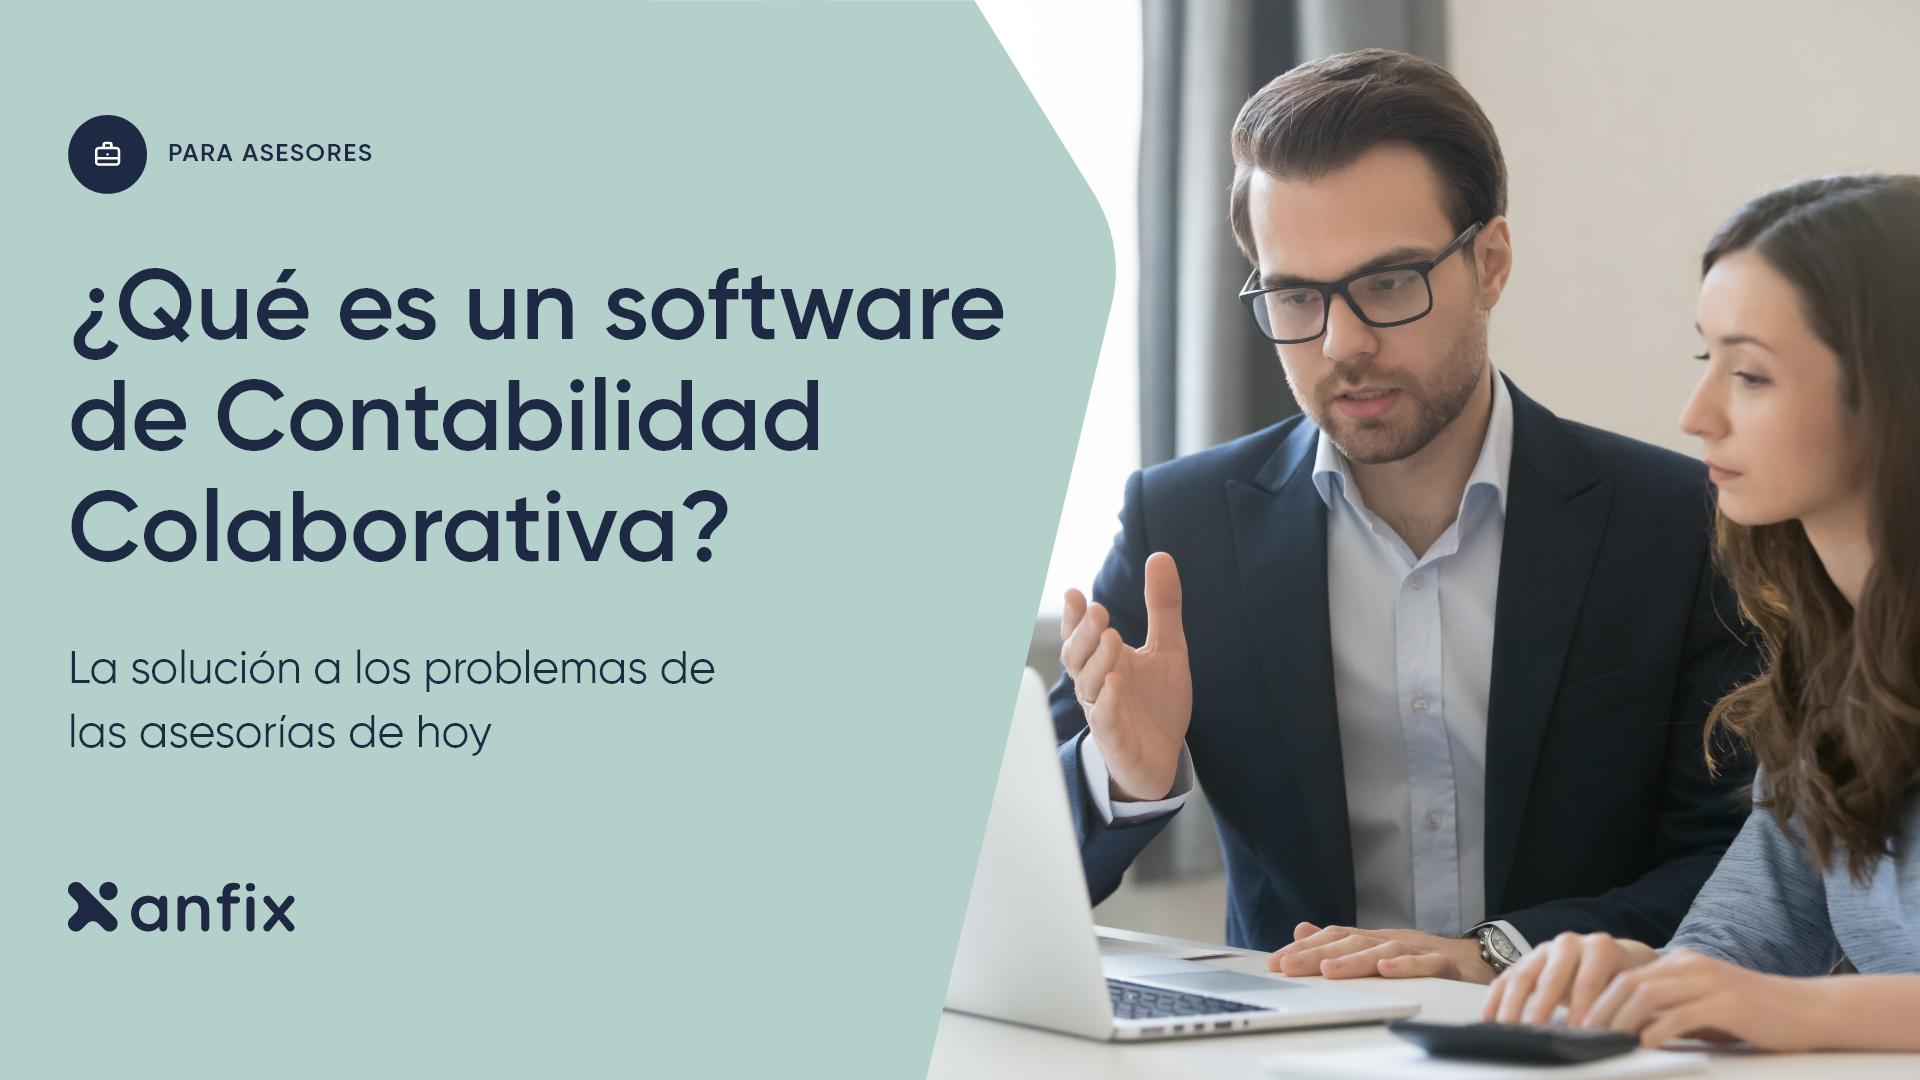 ¿Qué es un software de Contabilidad Colaborativa y en qué se diferencia de los tradicionales?